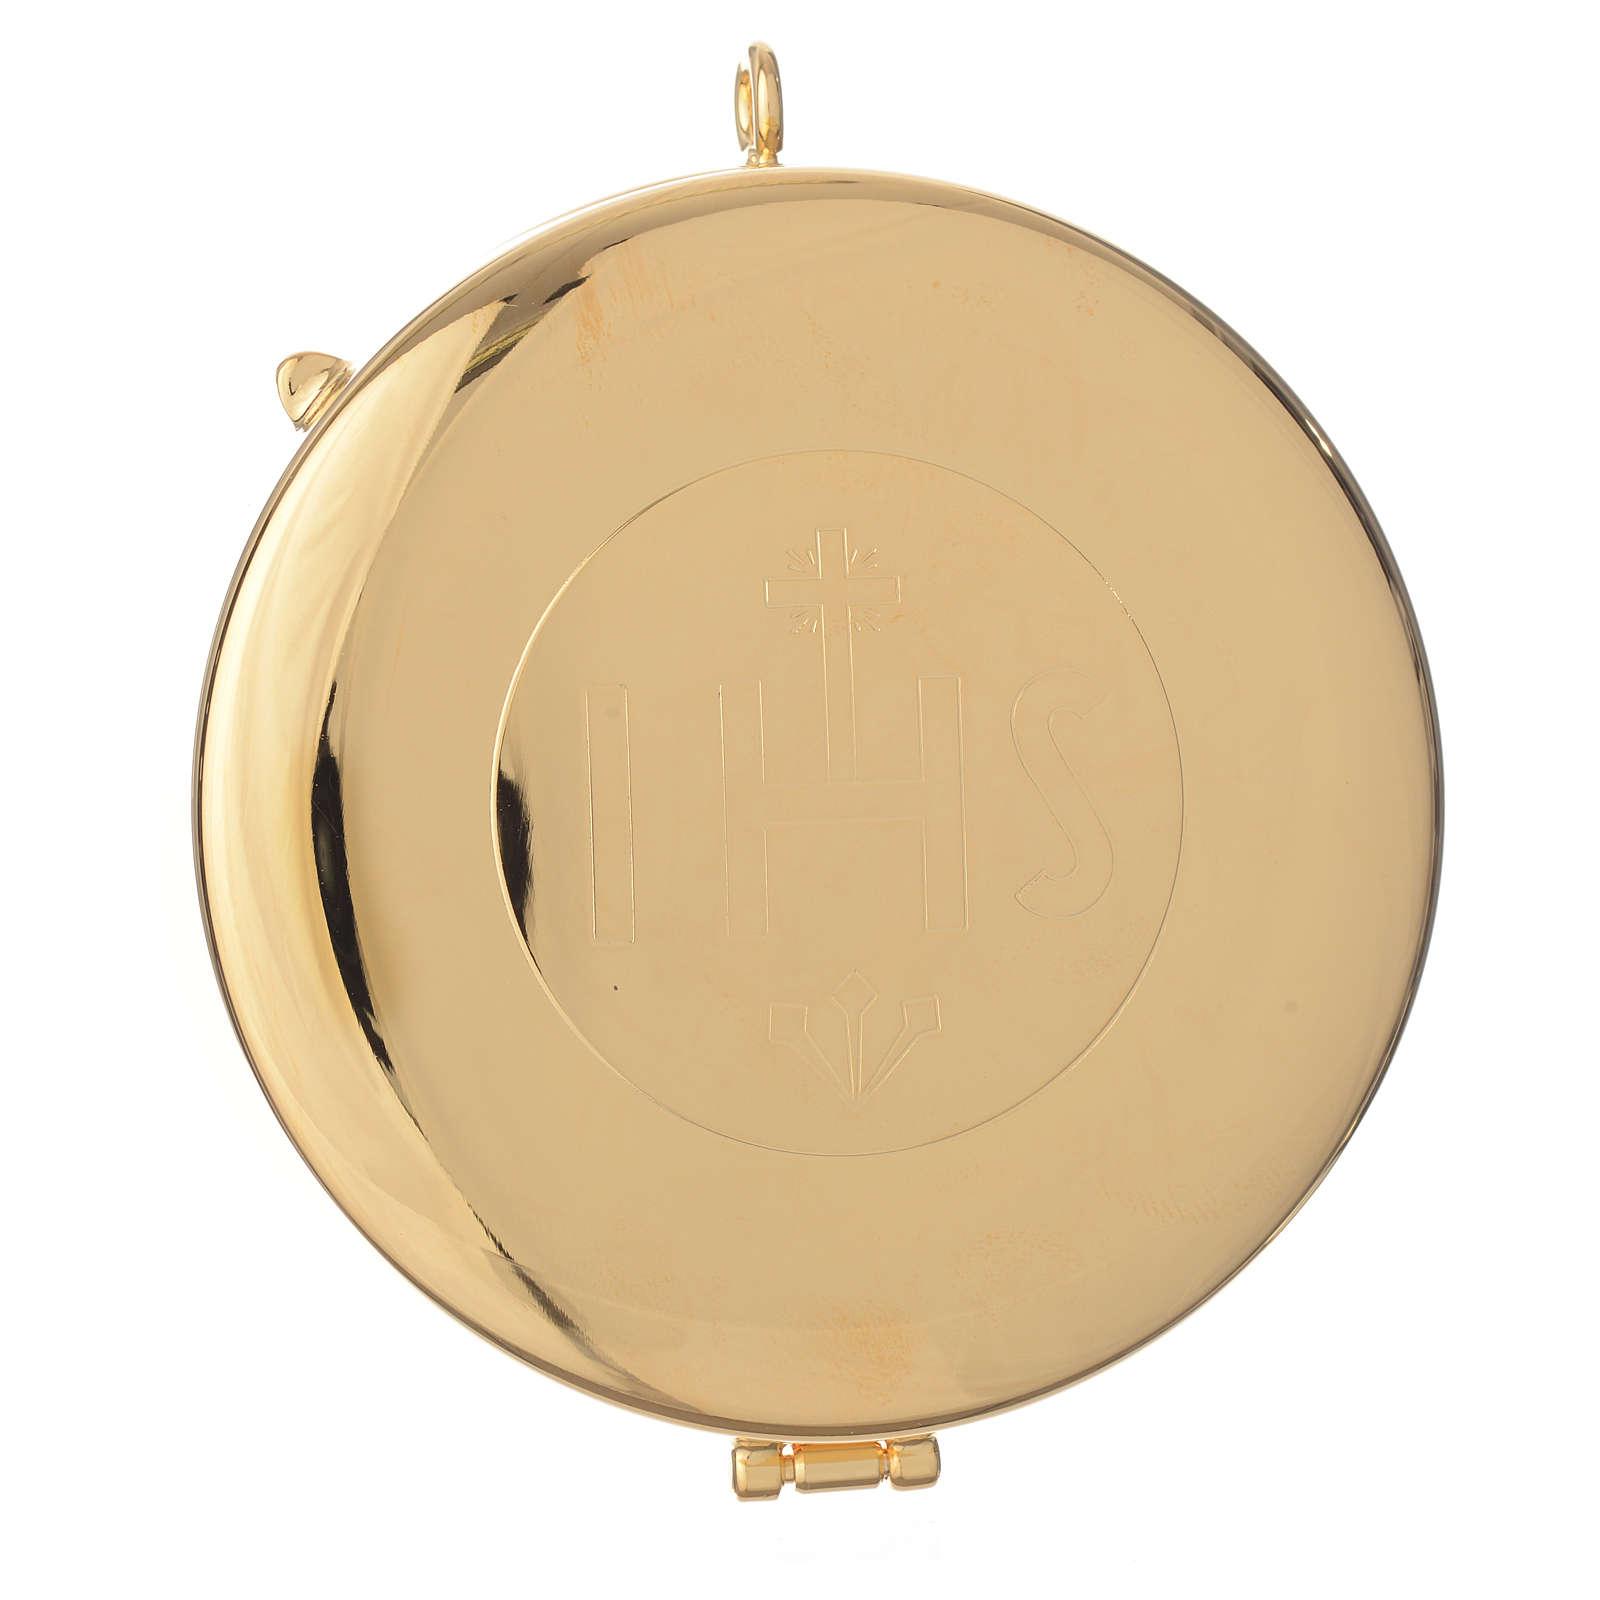 Teca ottone dorato incisione IHS diam cm 7.7 3